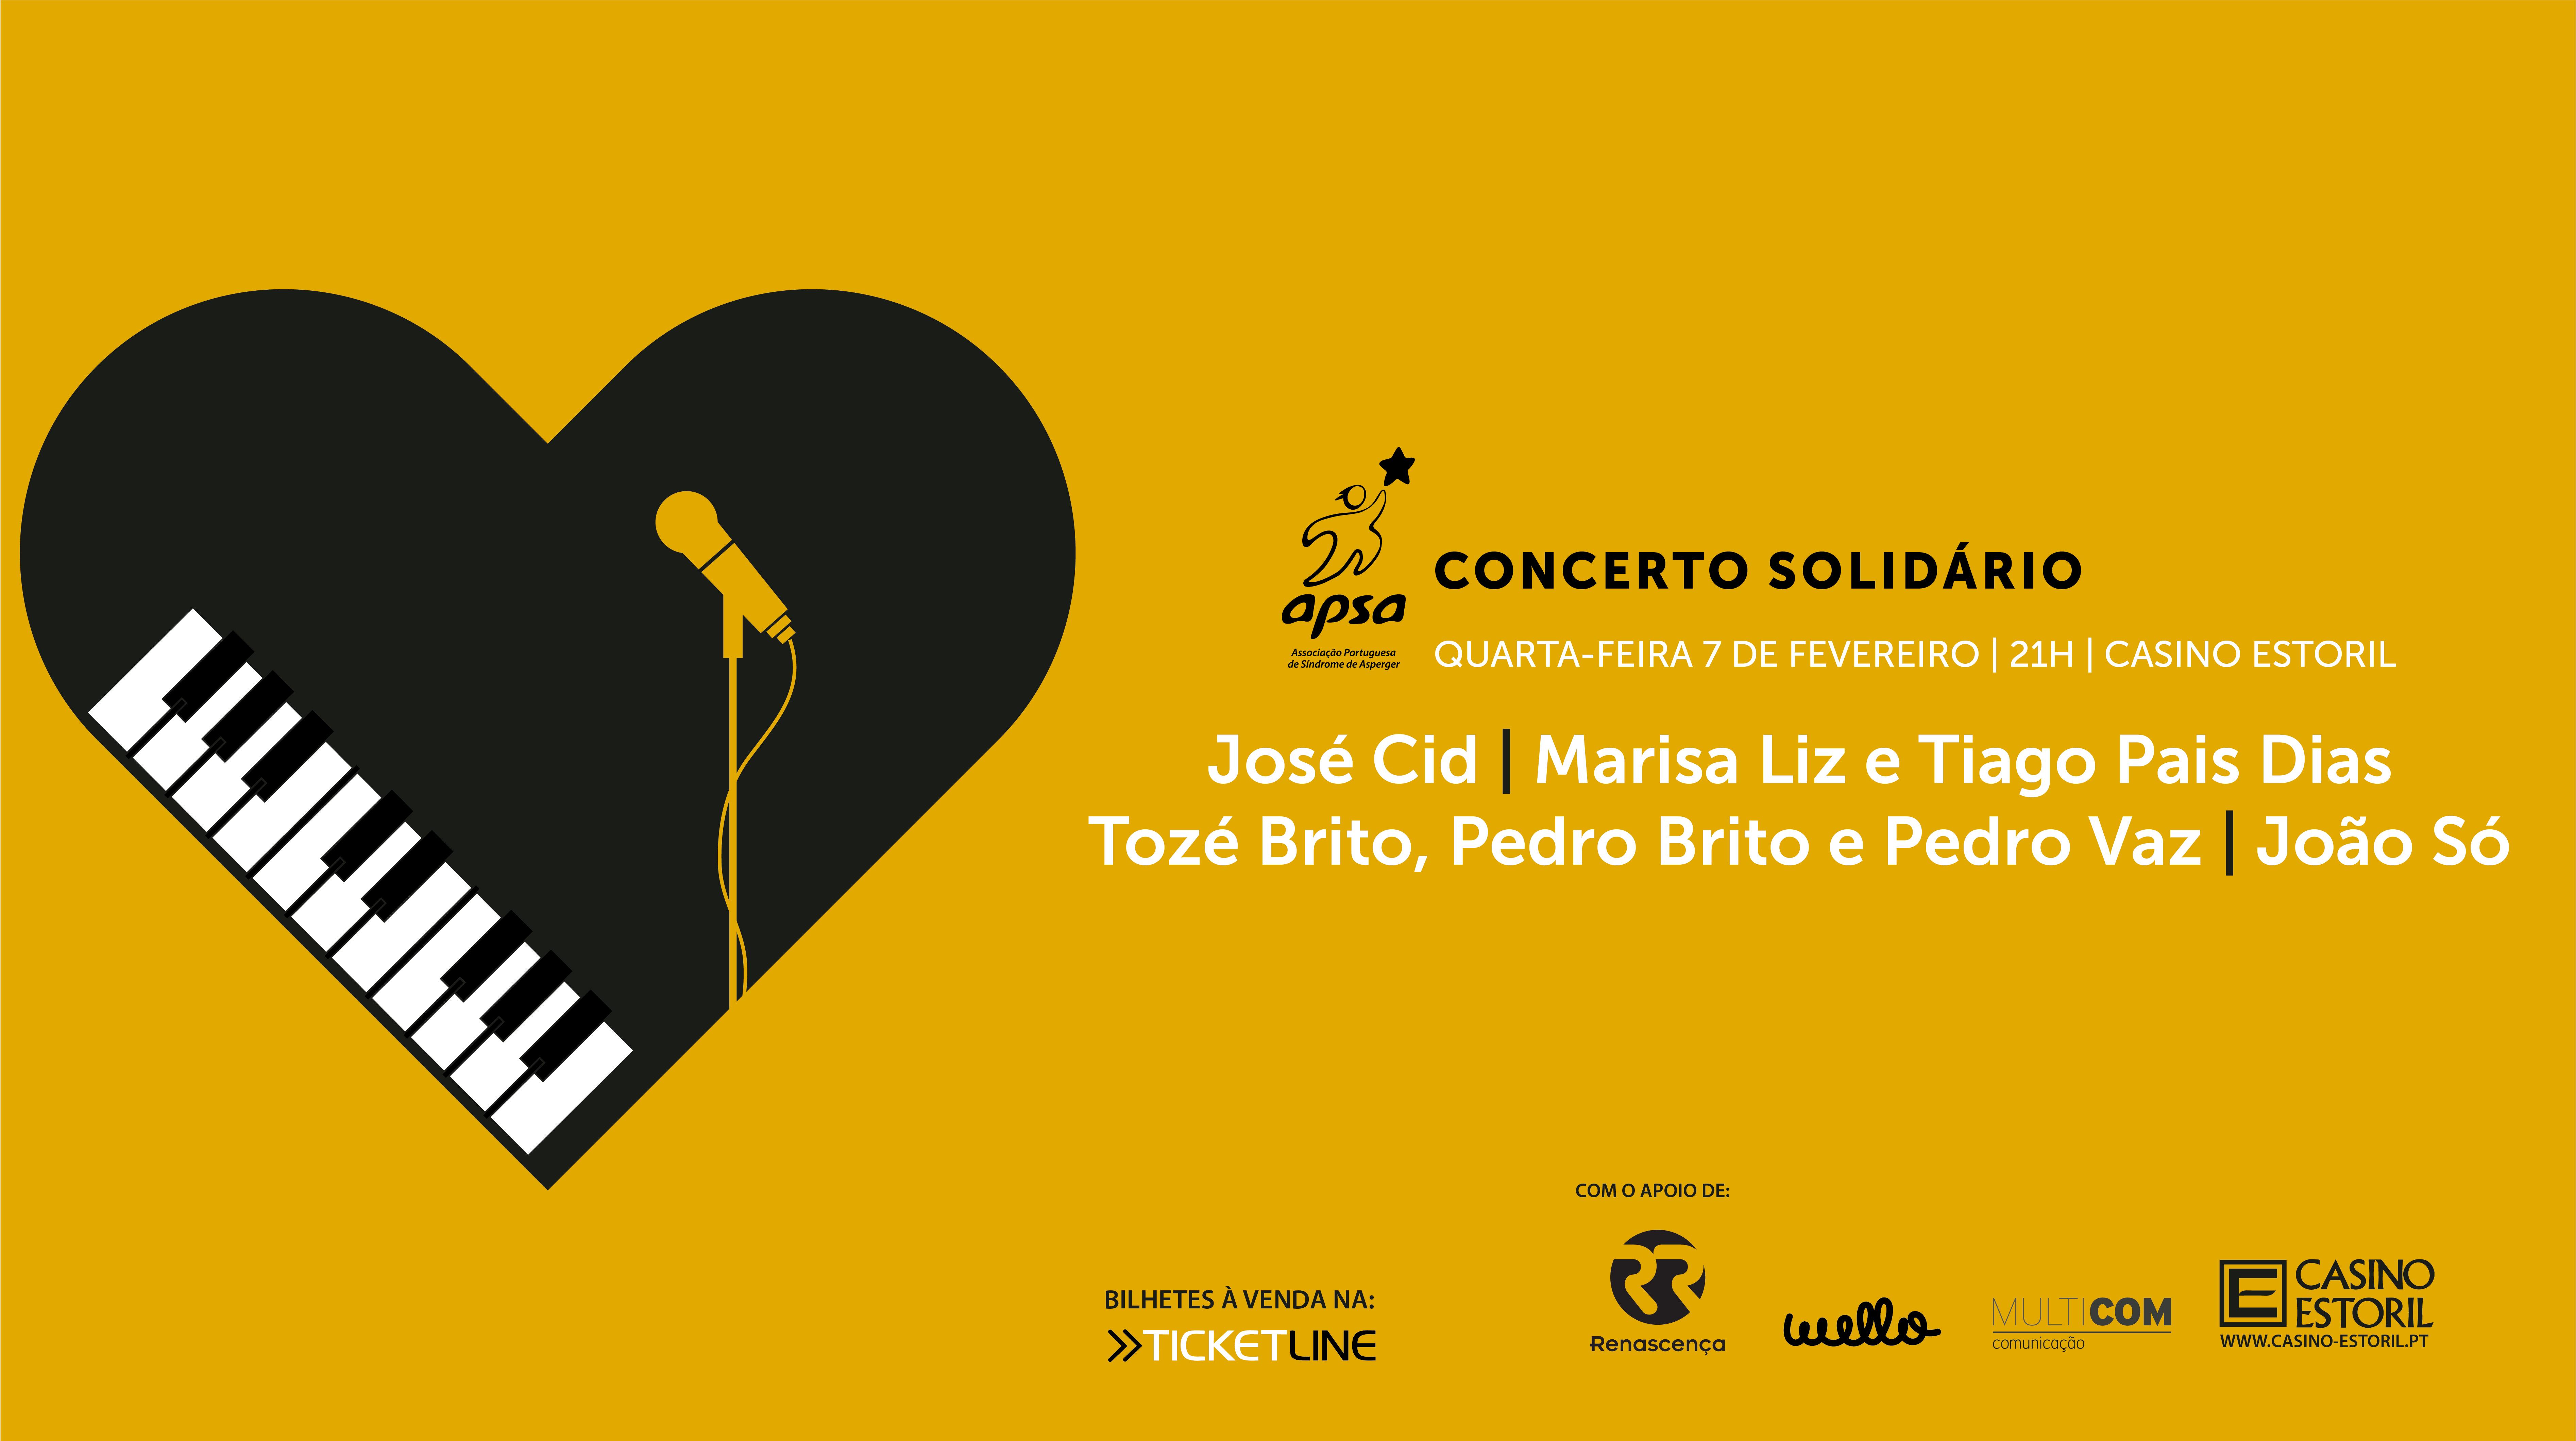 concerto_solidario